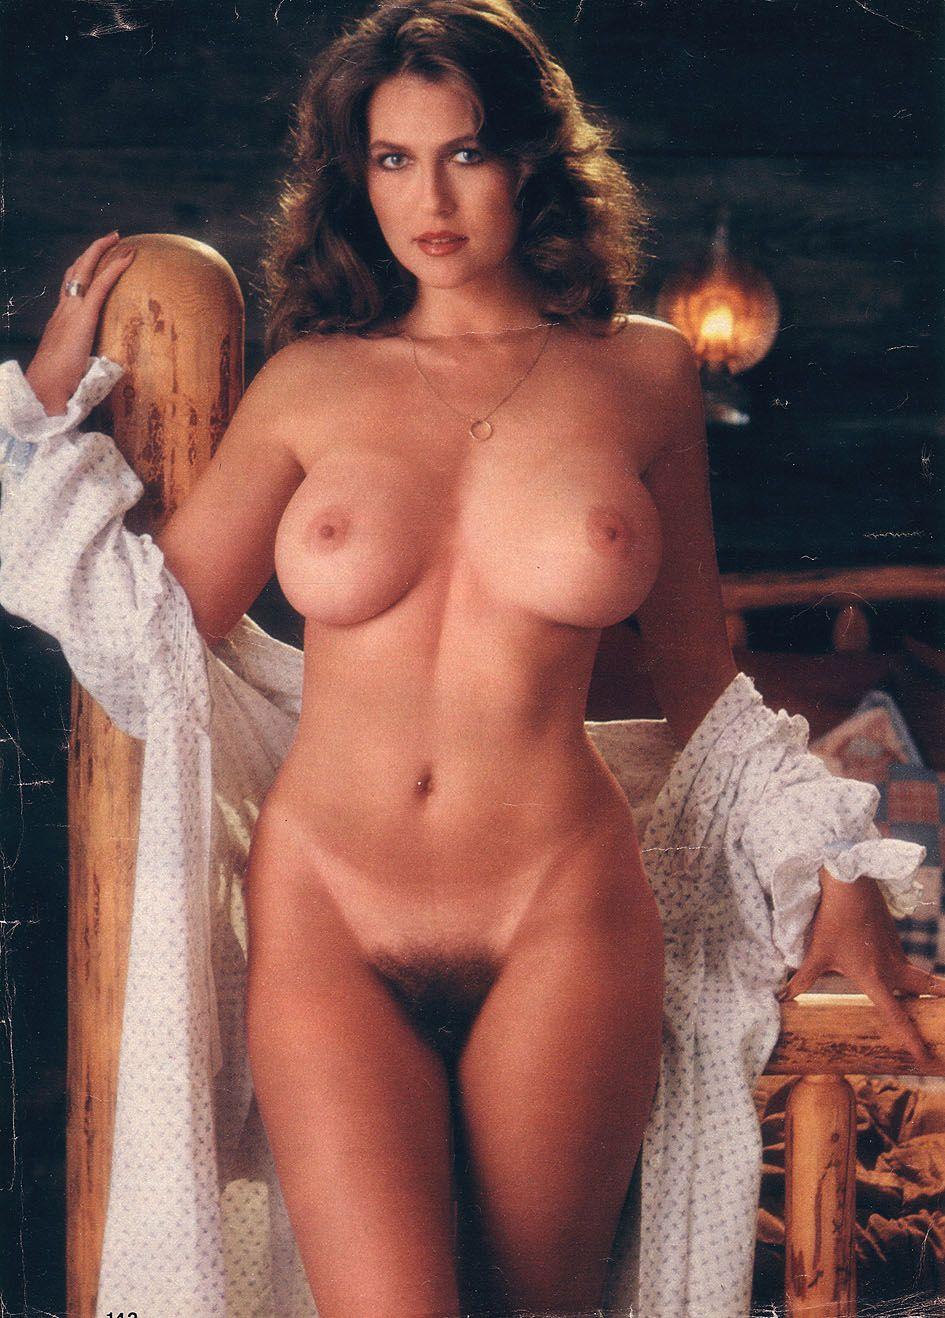 Raquel welch nude photo, ed edd and eddy porn porn